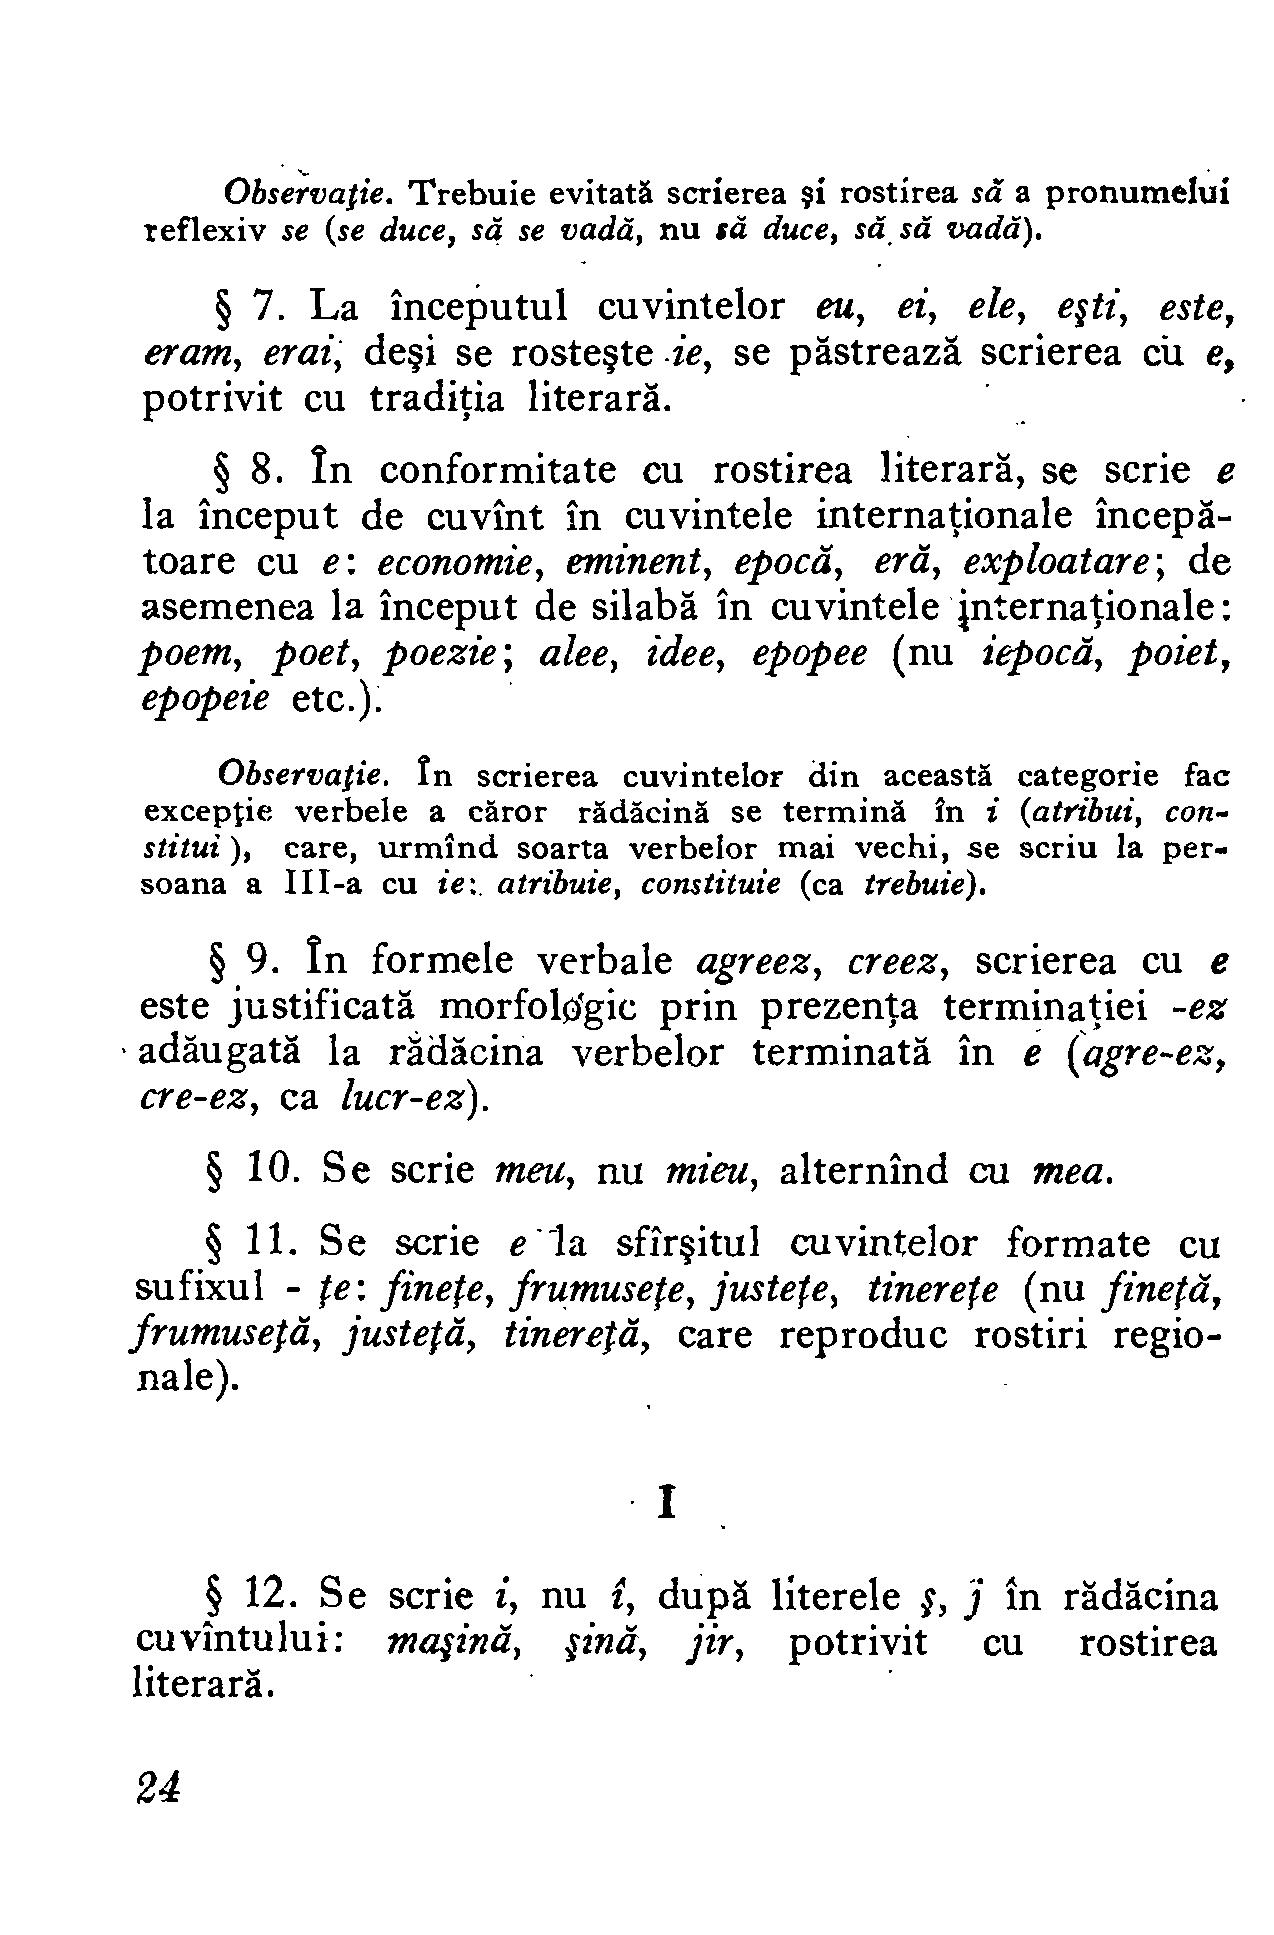 1954 - Mic dicționar ortografic (22).png